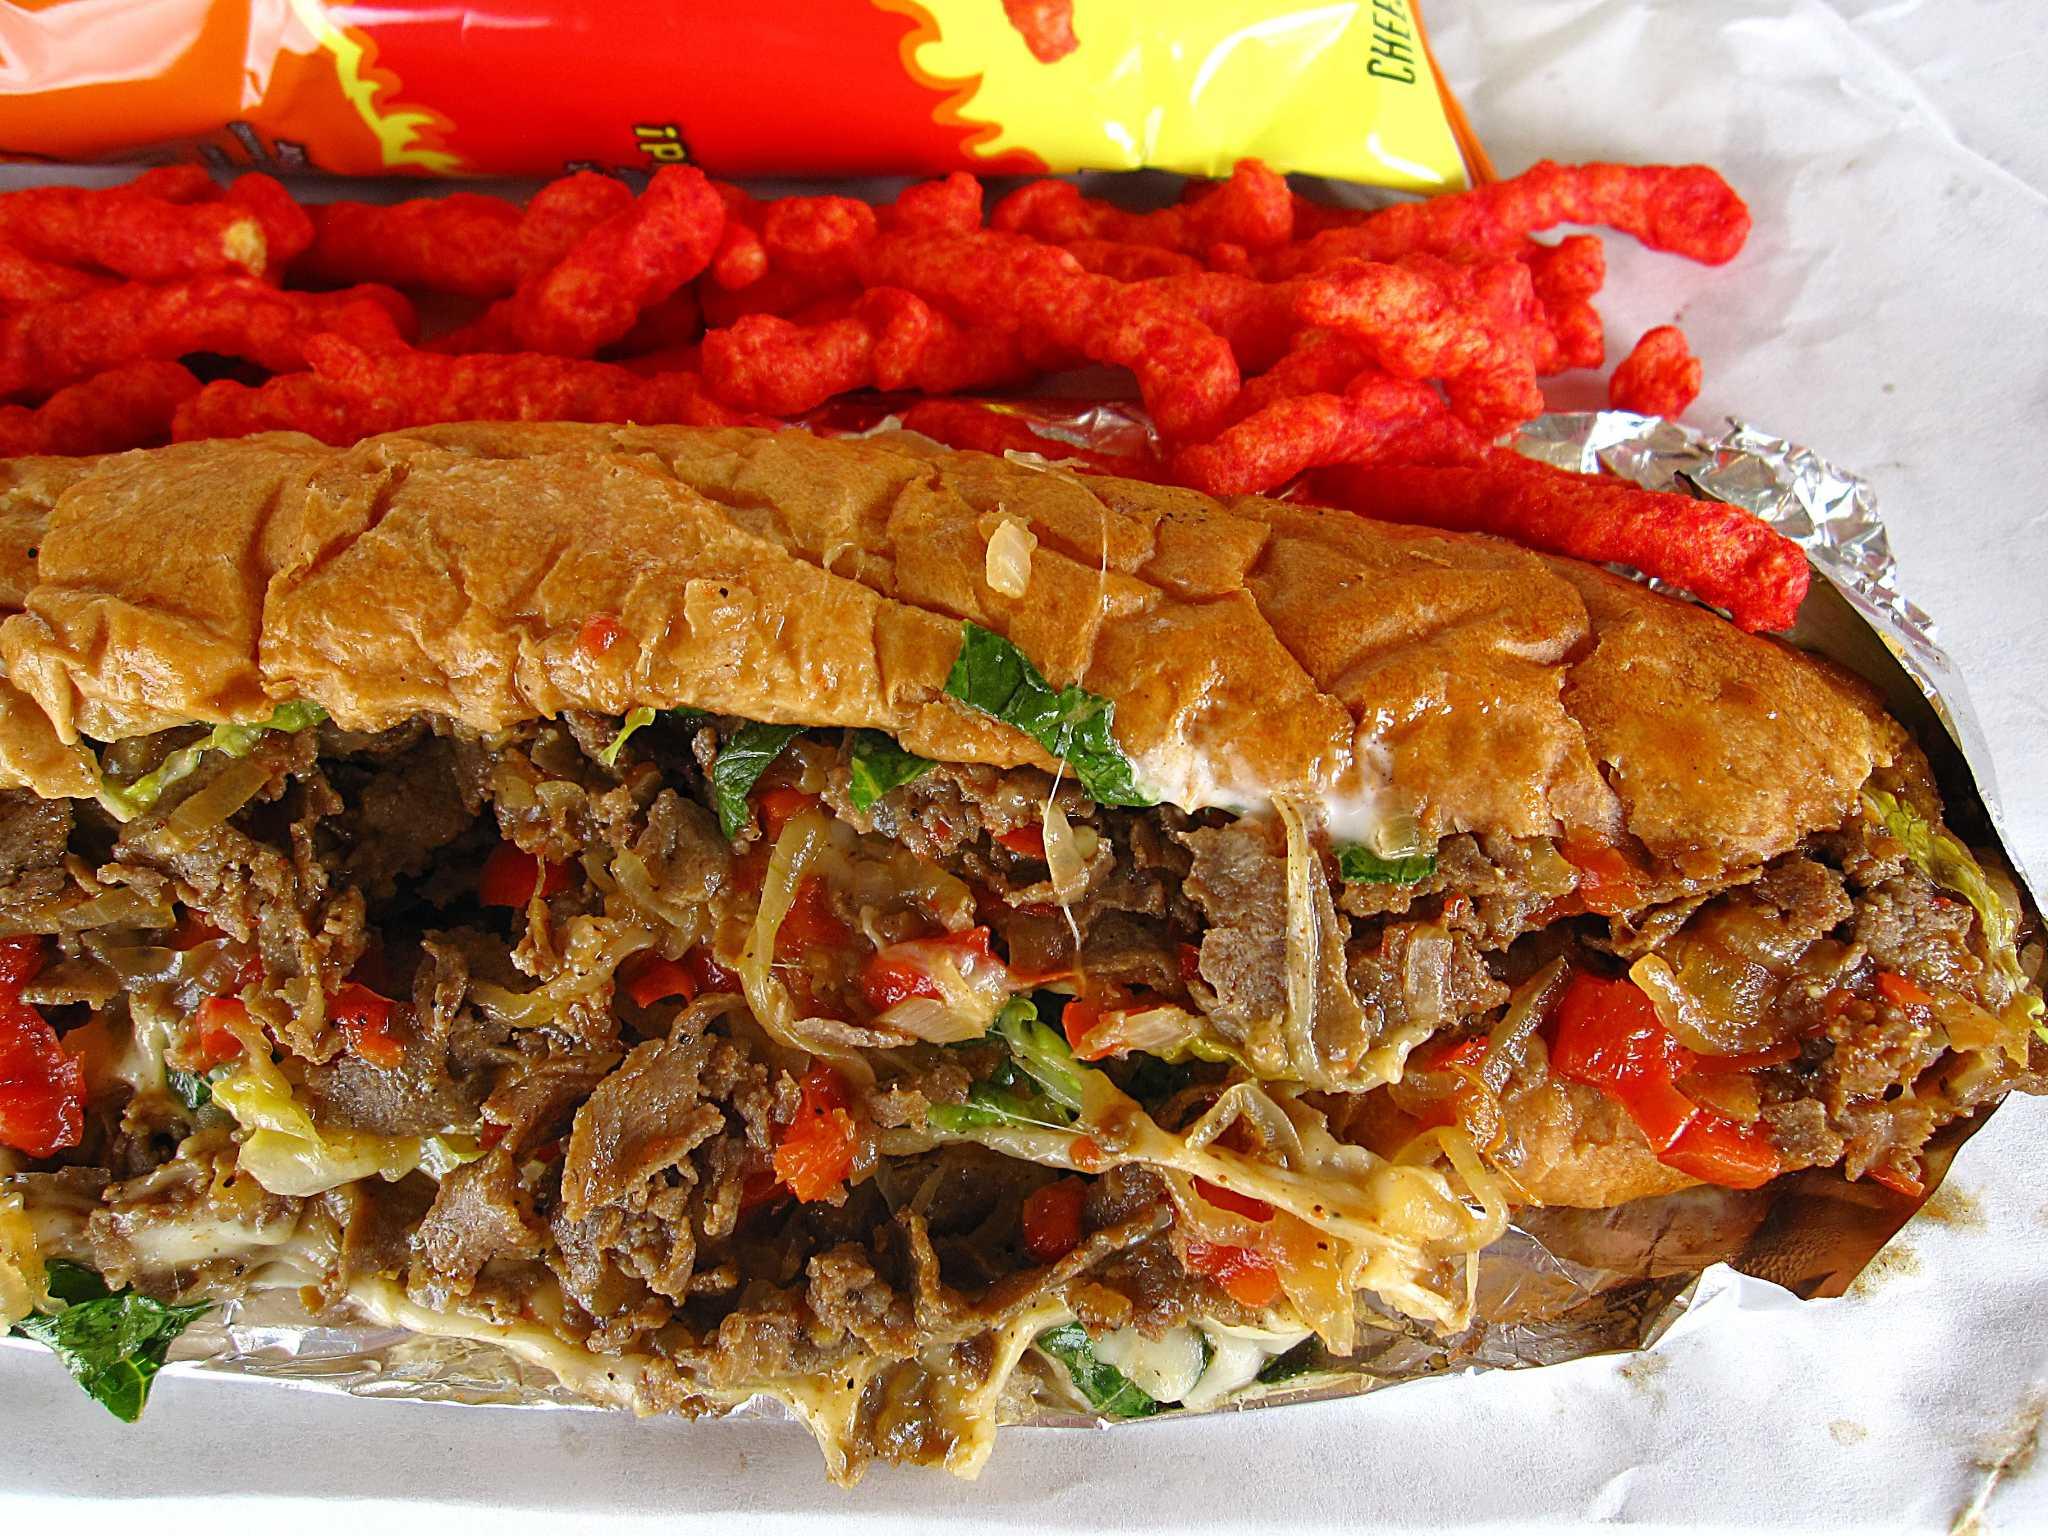 5 San Antonio sandwiches to eat right now - San Antonio Express-News